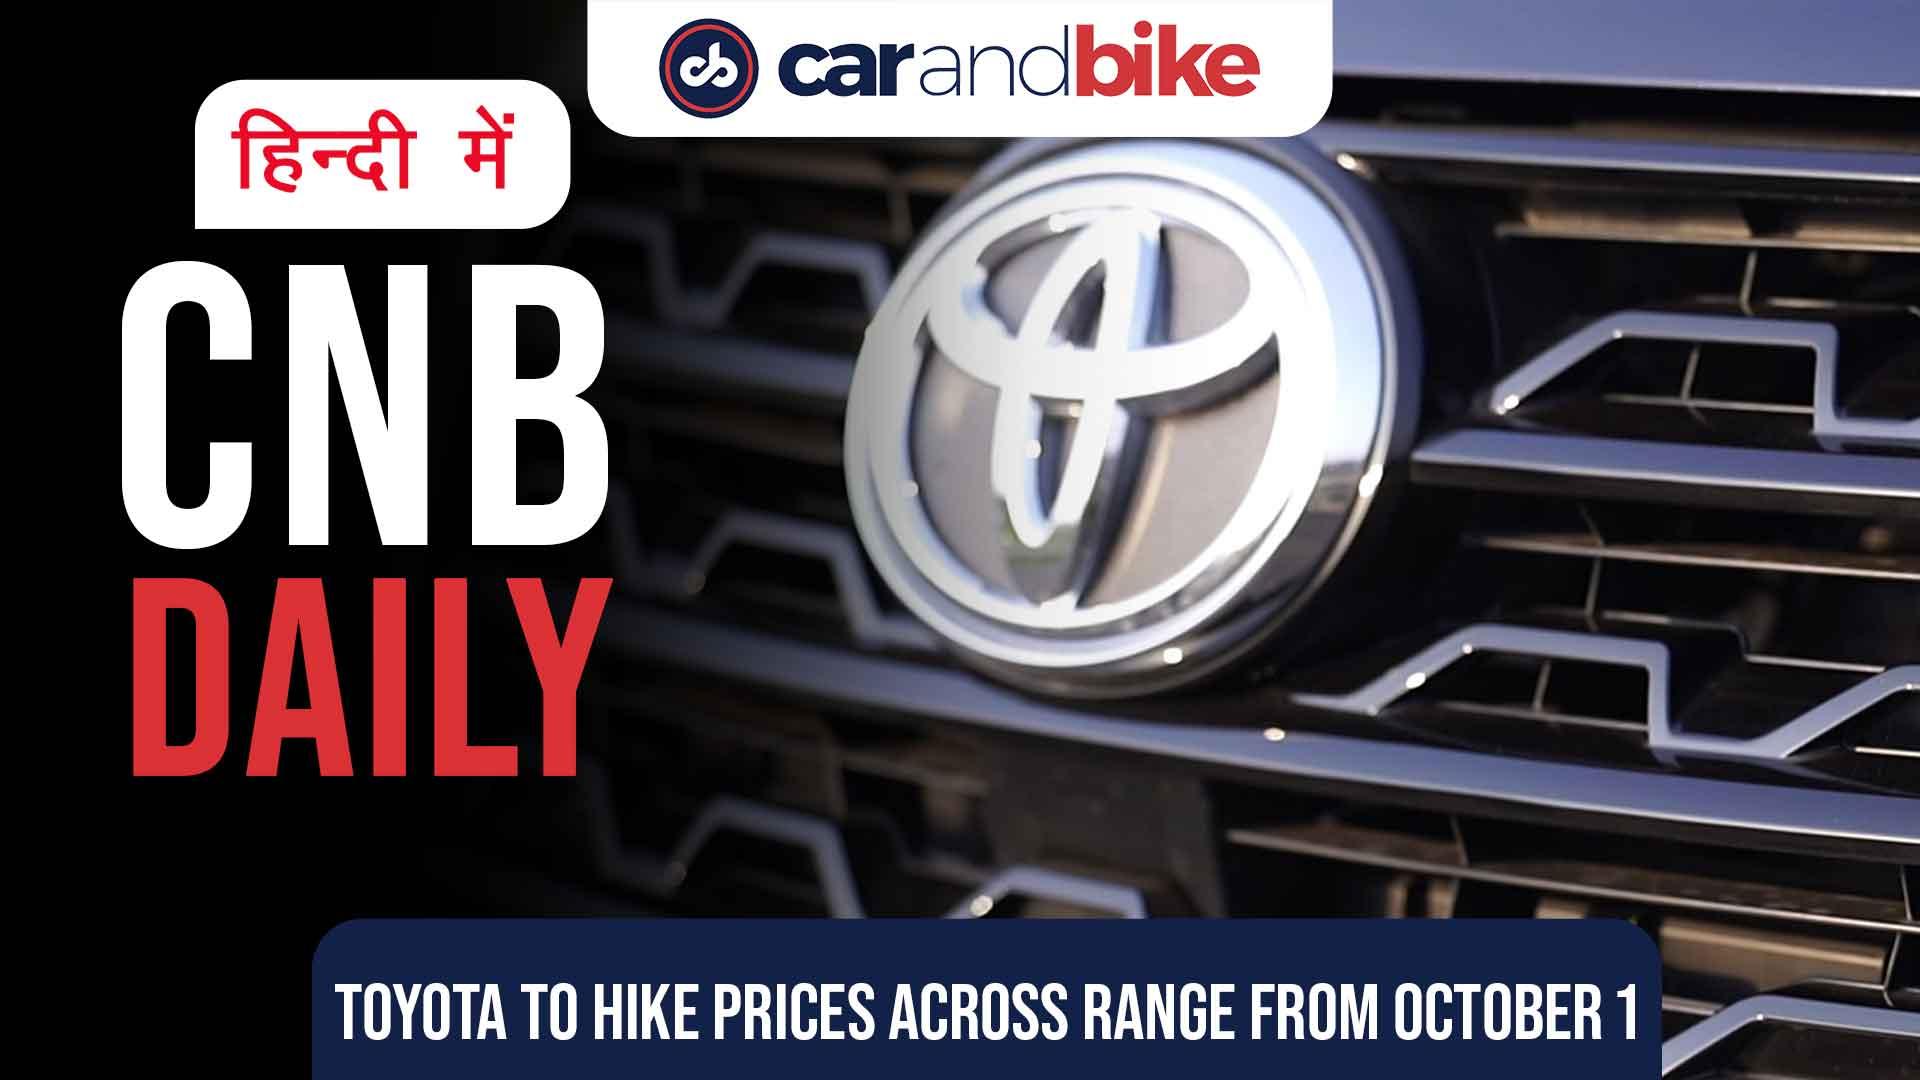 टोयोटा 1 अक्टूबर से बढ़ाएगी कारों के दाम